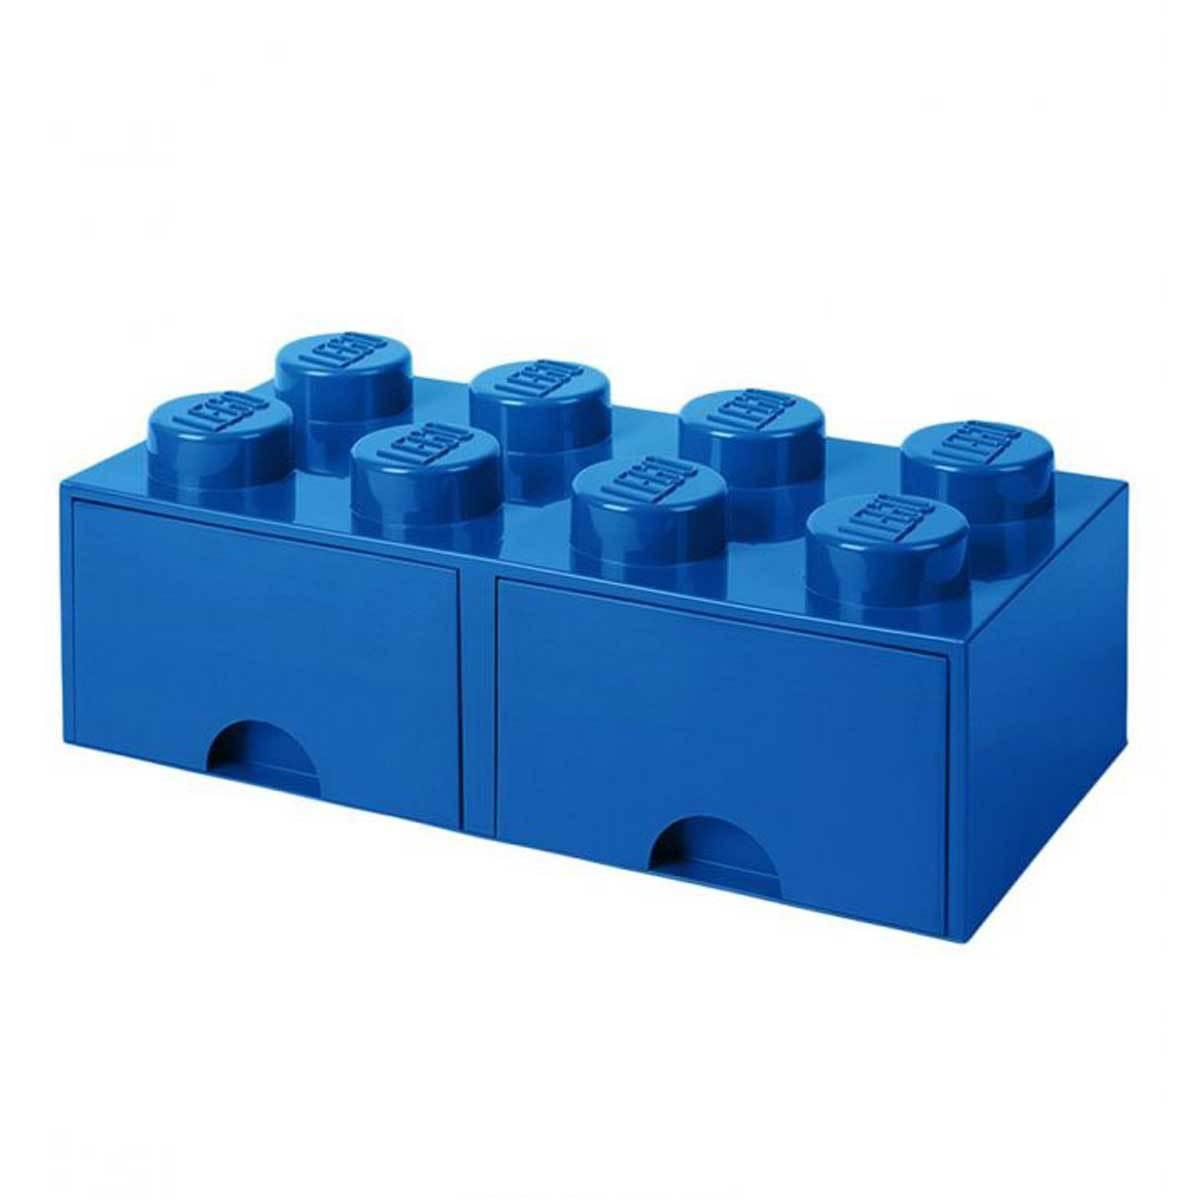 lego rangement 40061731 pas cher brique de rangement. Black Bedroom Furniture Sets. Home Design Ideas